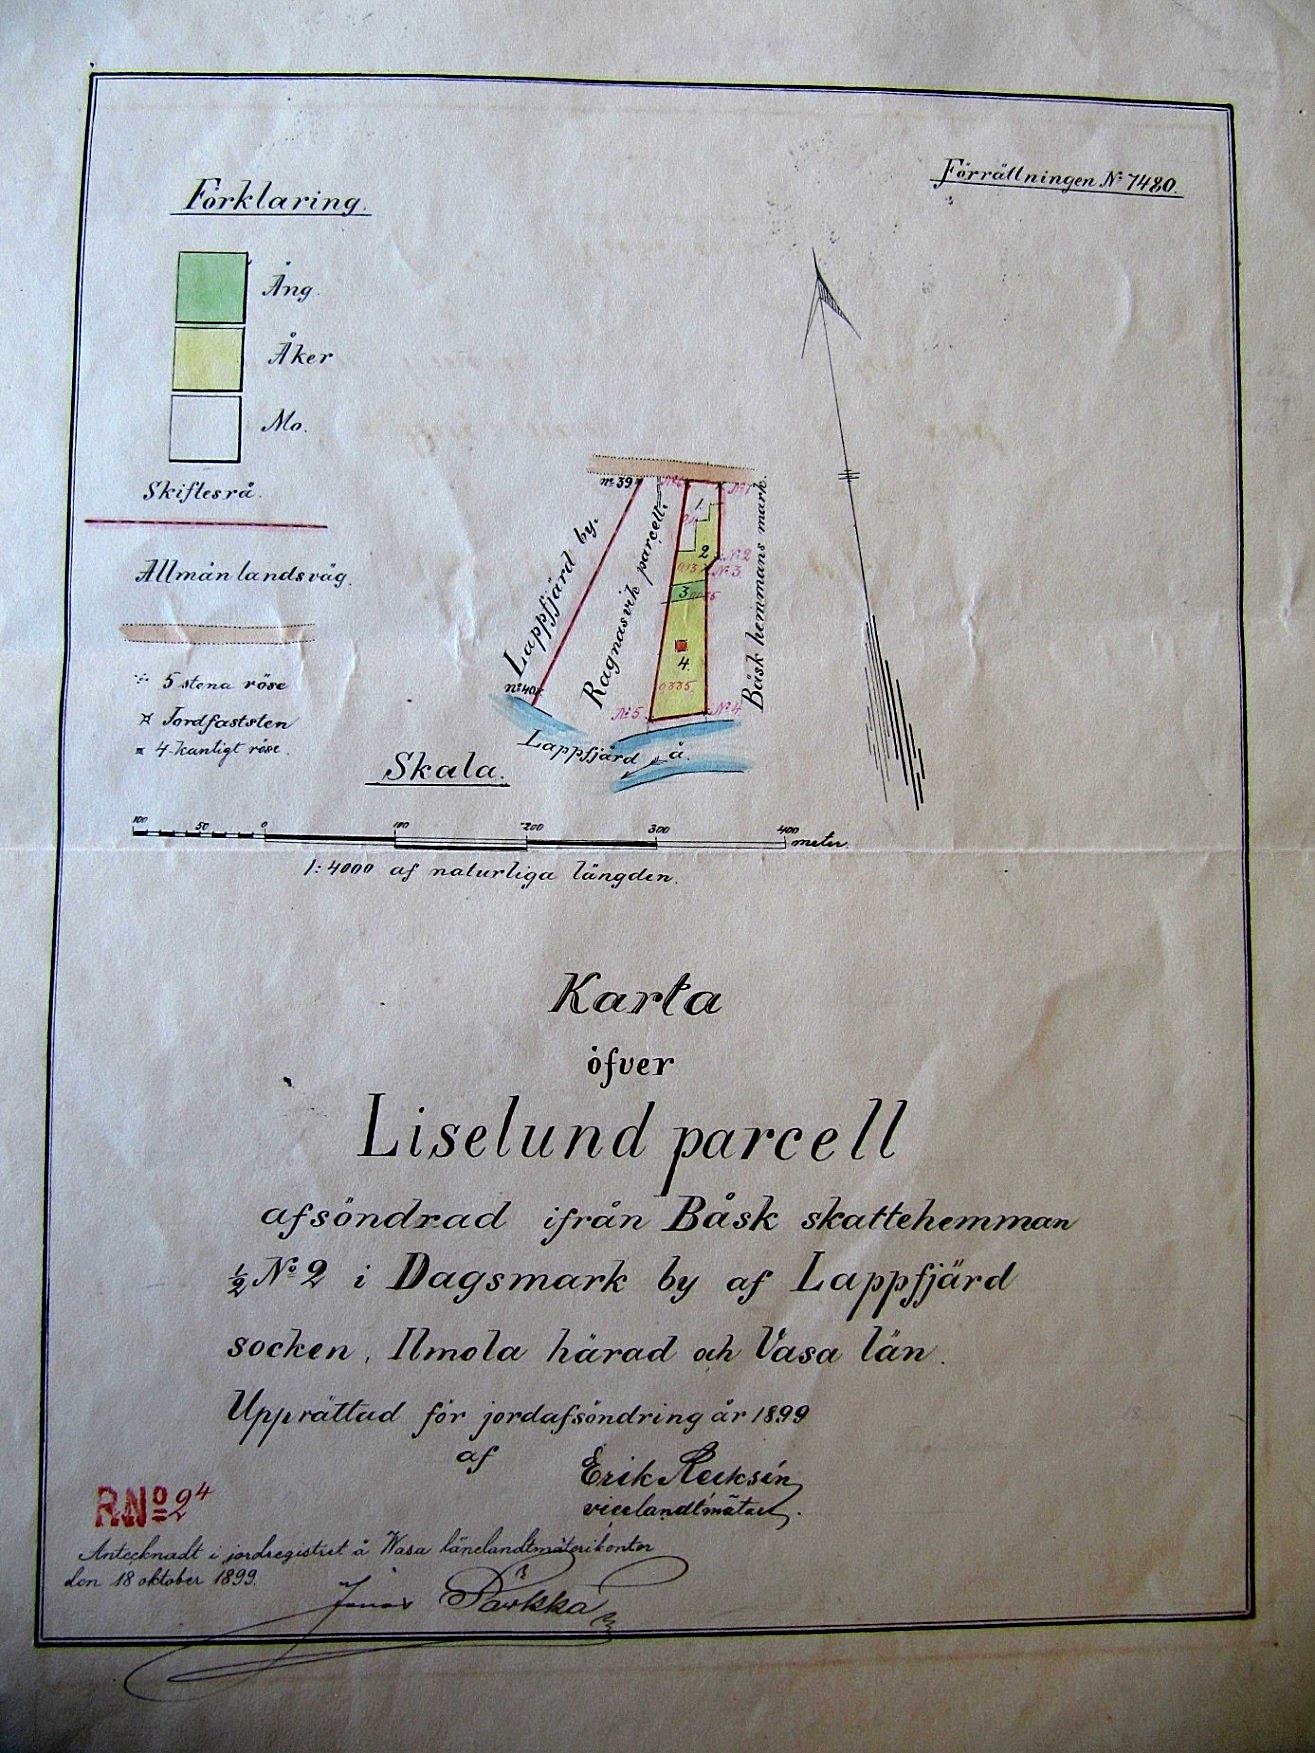 I juni 1896 köpte Wendelin ett område som fick namnet Liselund om 1 ½ tunnland till av Böleskiftet som hörde till Båsk skattehemman. Kartan som visar var Liselund ligger är uppgjord 1899. Malakias Eriksson Båsk undertecknade köpebrevet och kvitterade köpeskillingen om 500 mark.